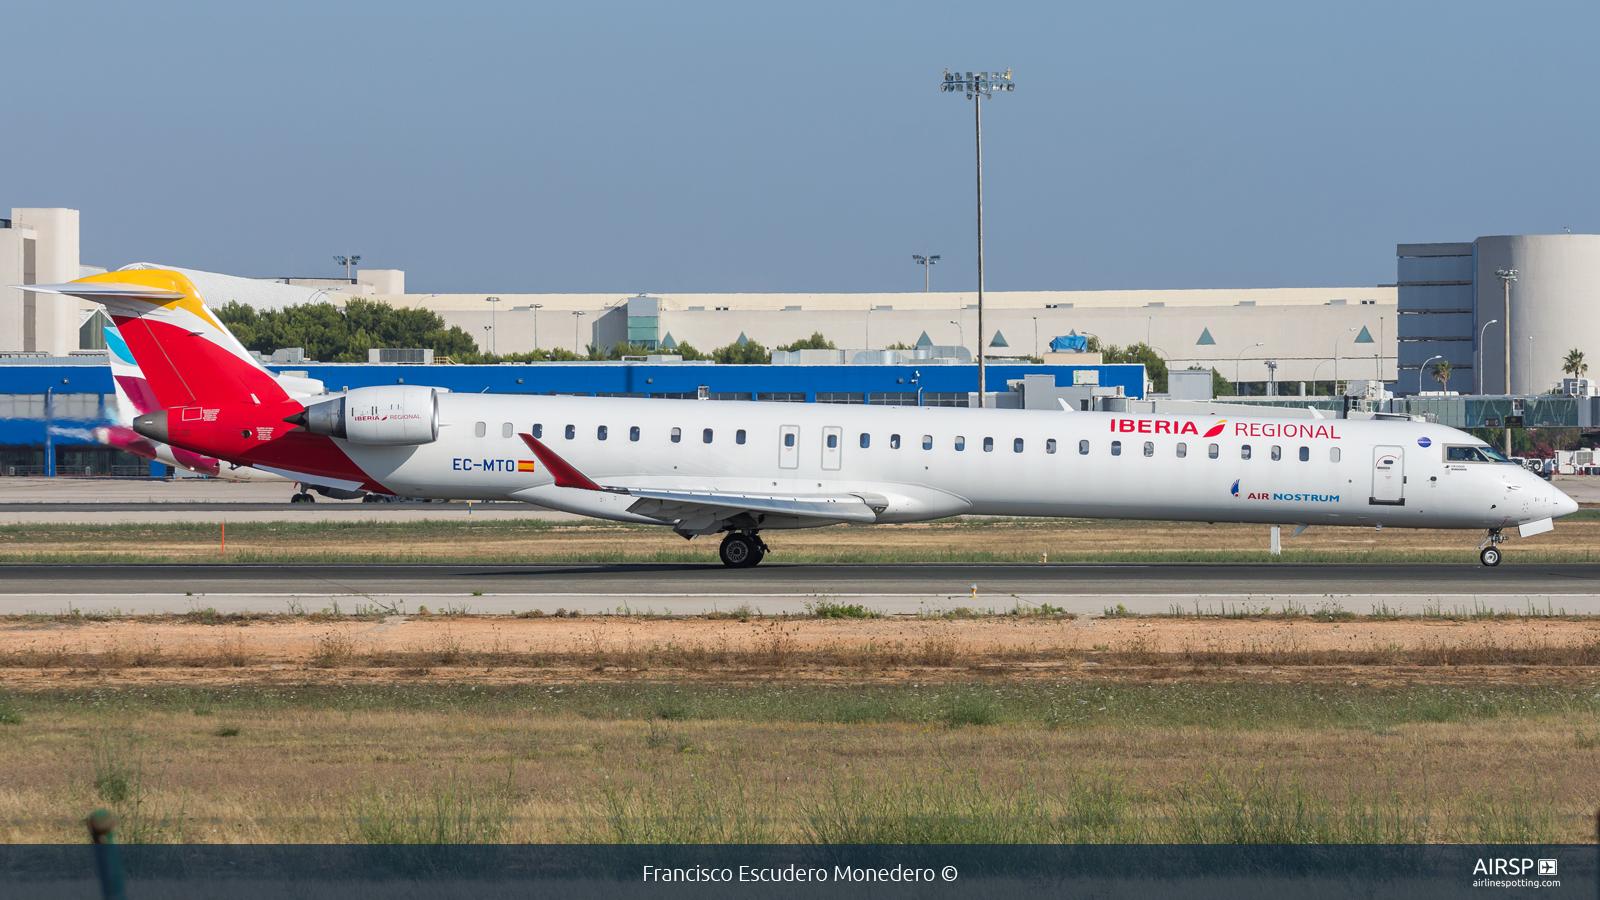 Air Nostrum Iberia Regional  Mitsubishi CRJ-1000  EC-MTO